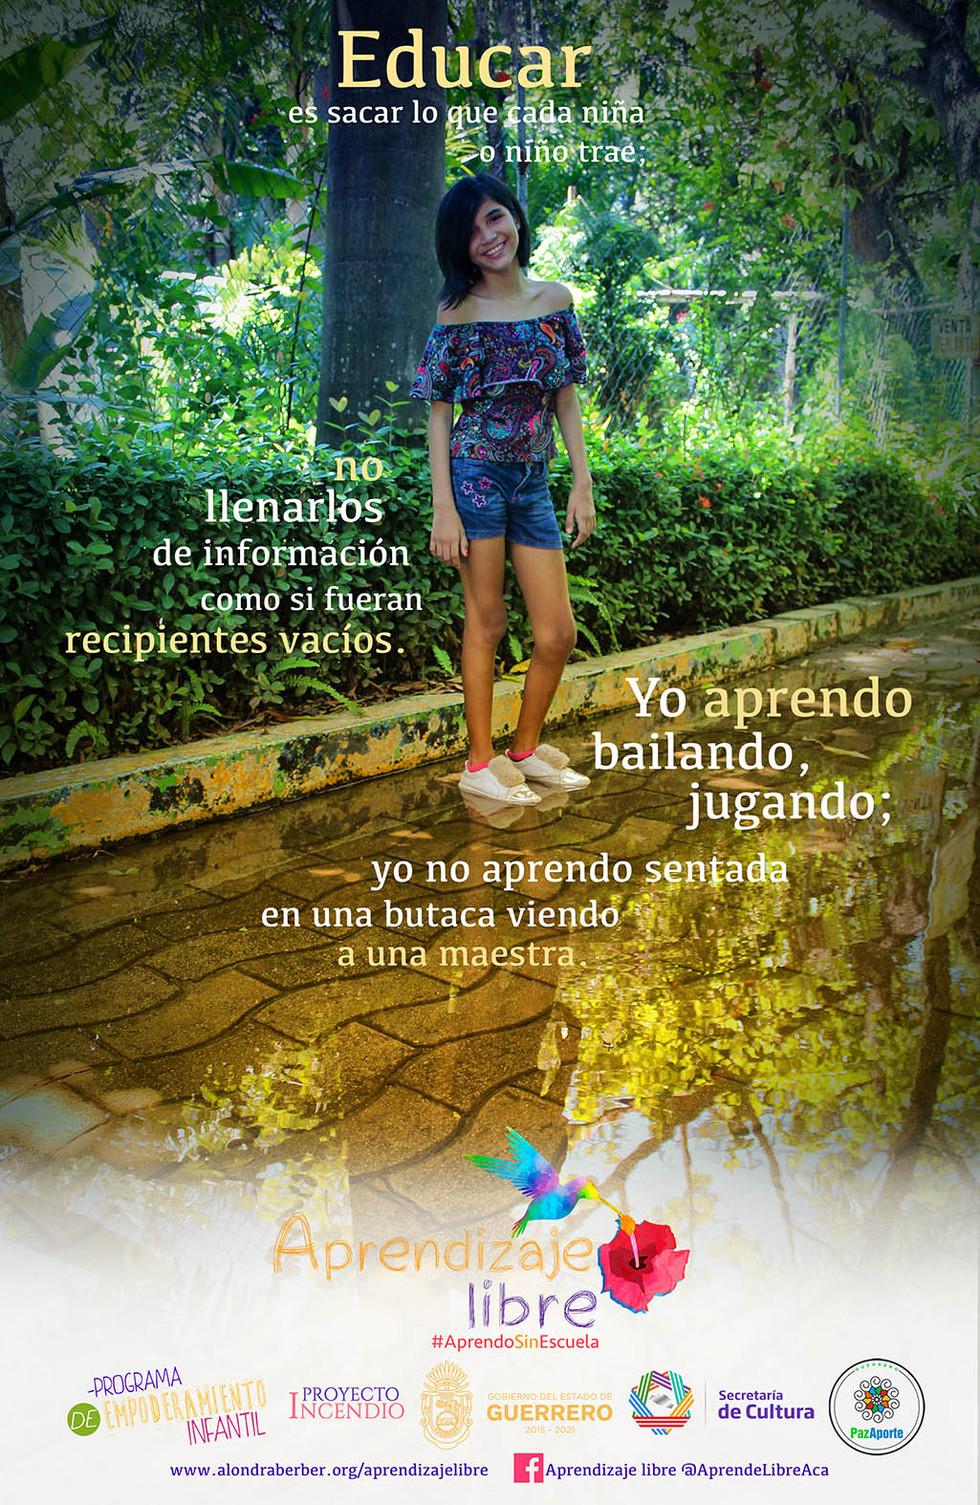 Zoe Martínez, creadora de la campaña Aprendizaje Libre